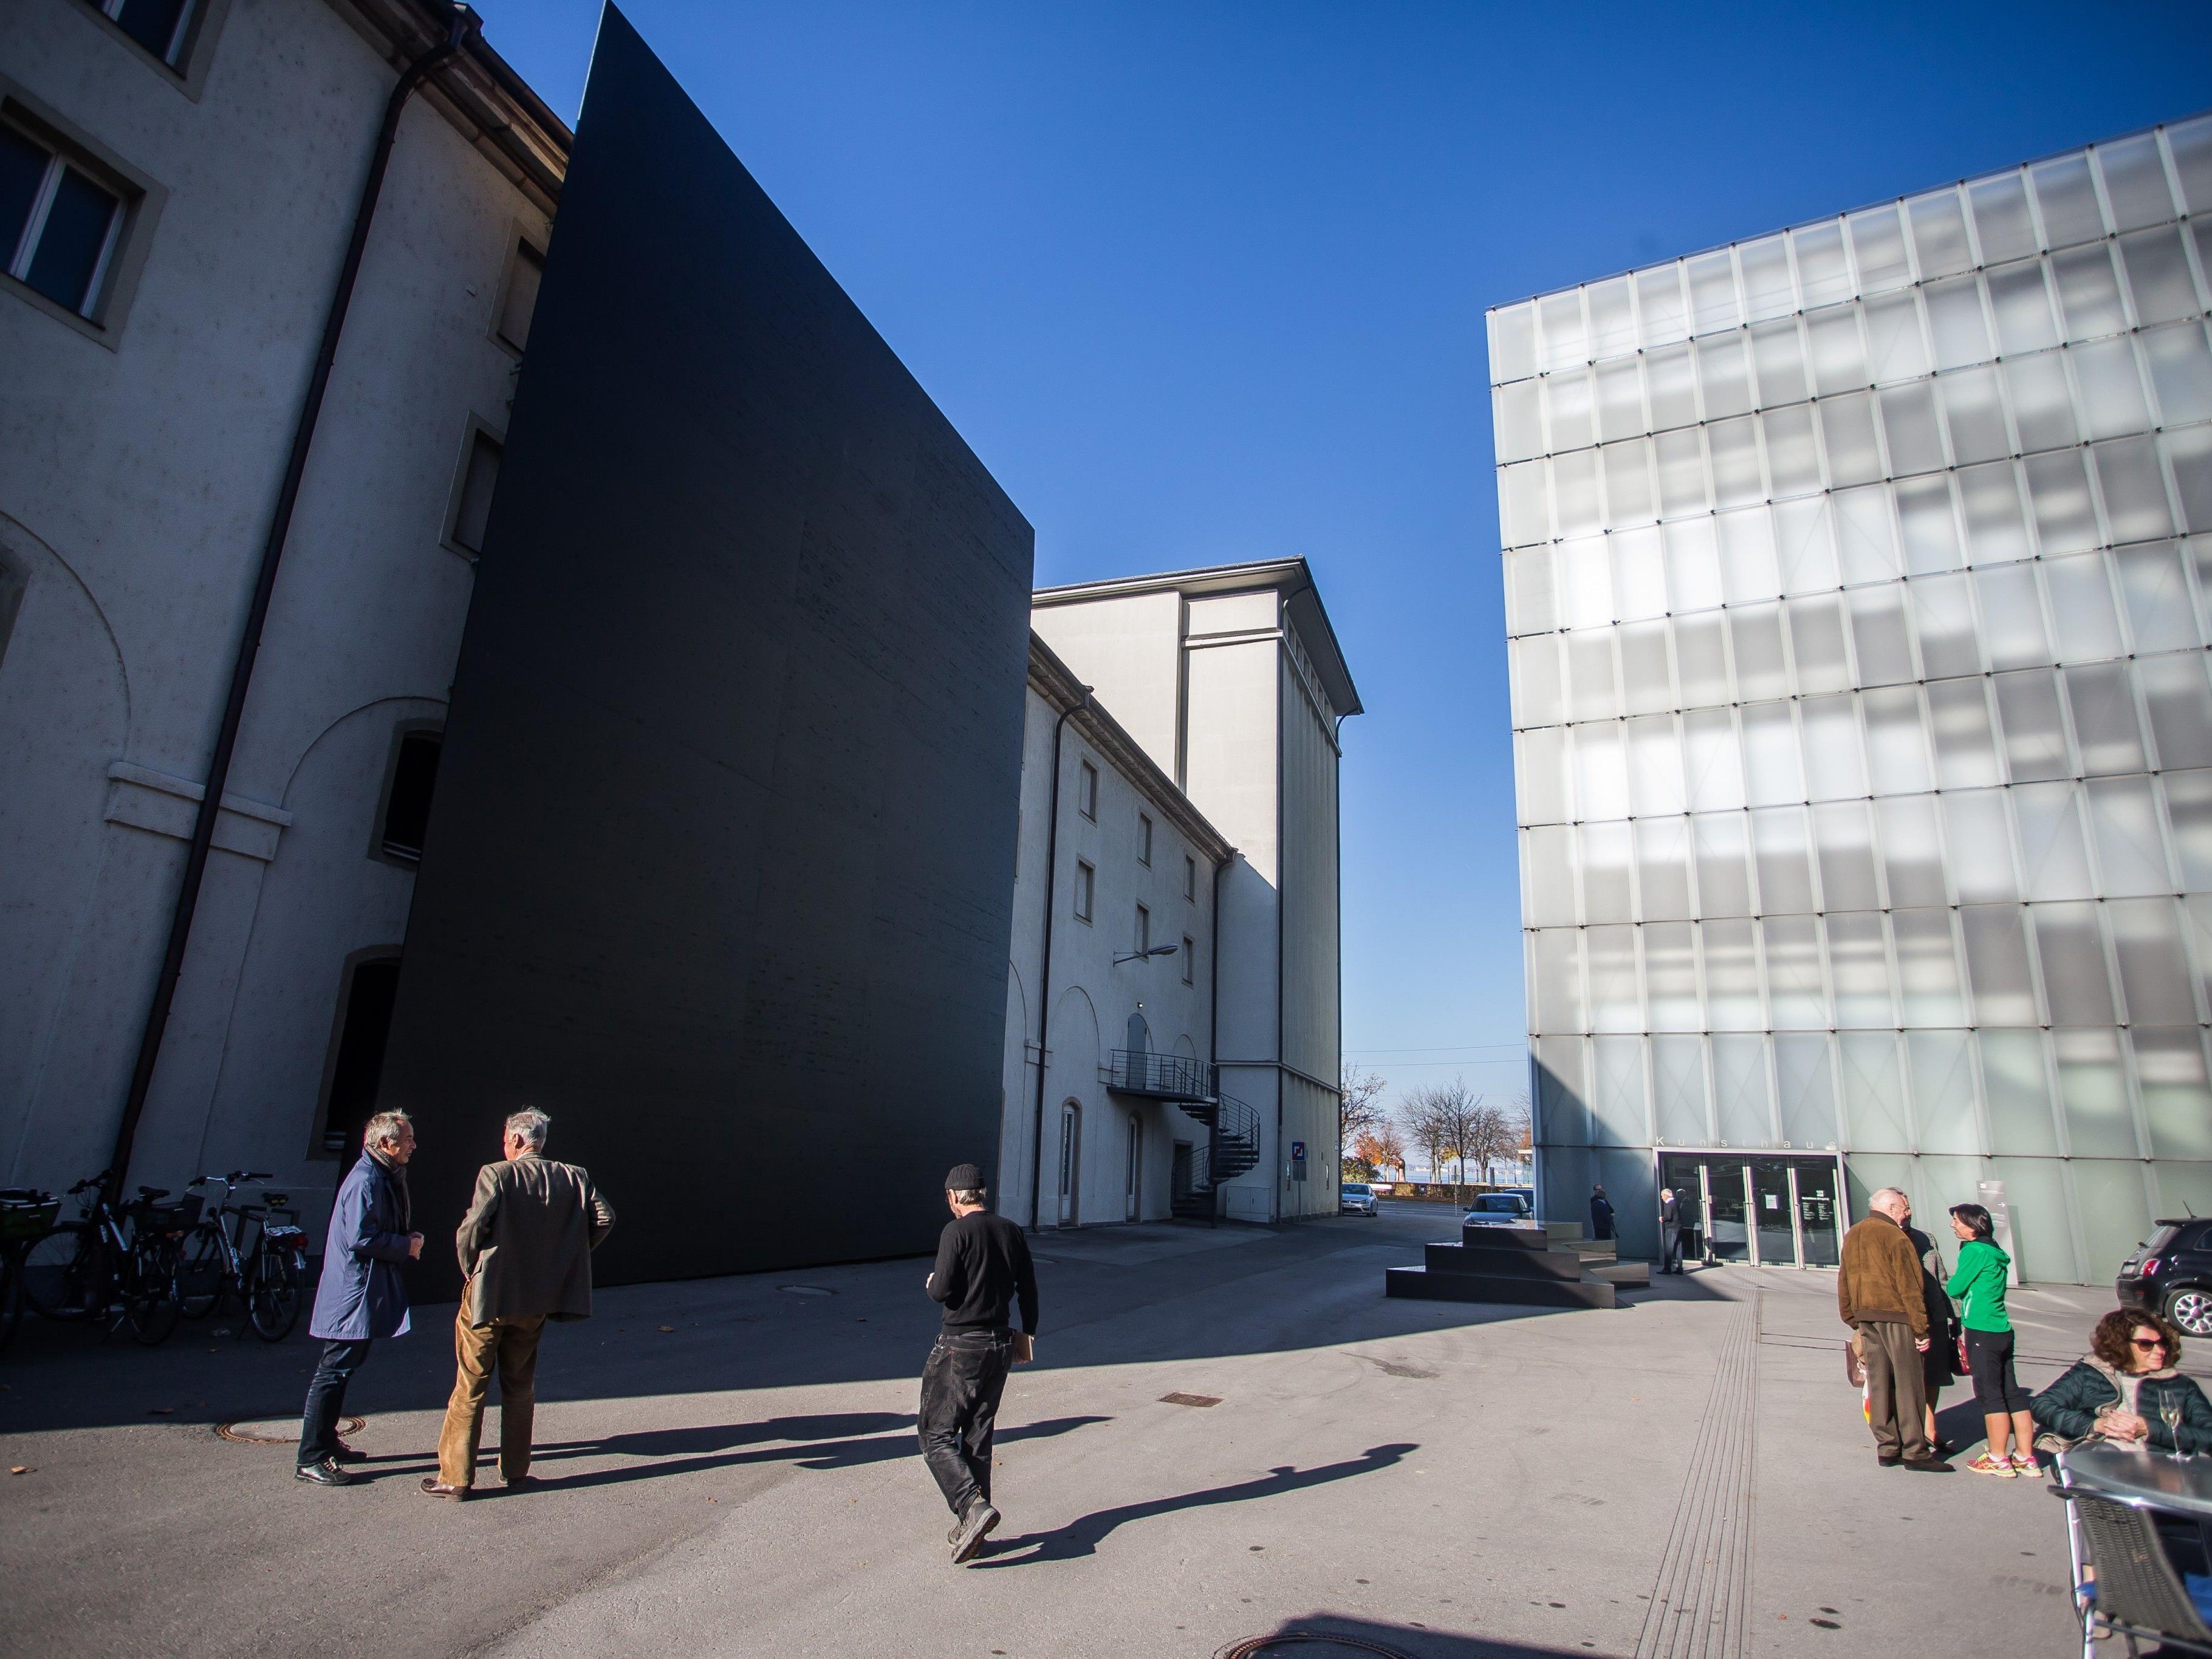 Die Ausstellung von Adrian Villar Rojas muss verschoben werden.